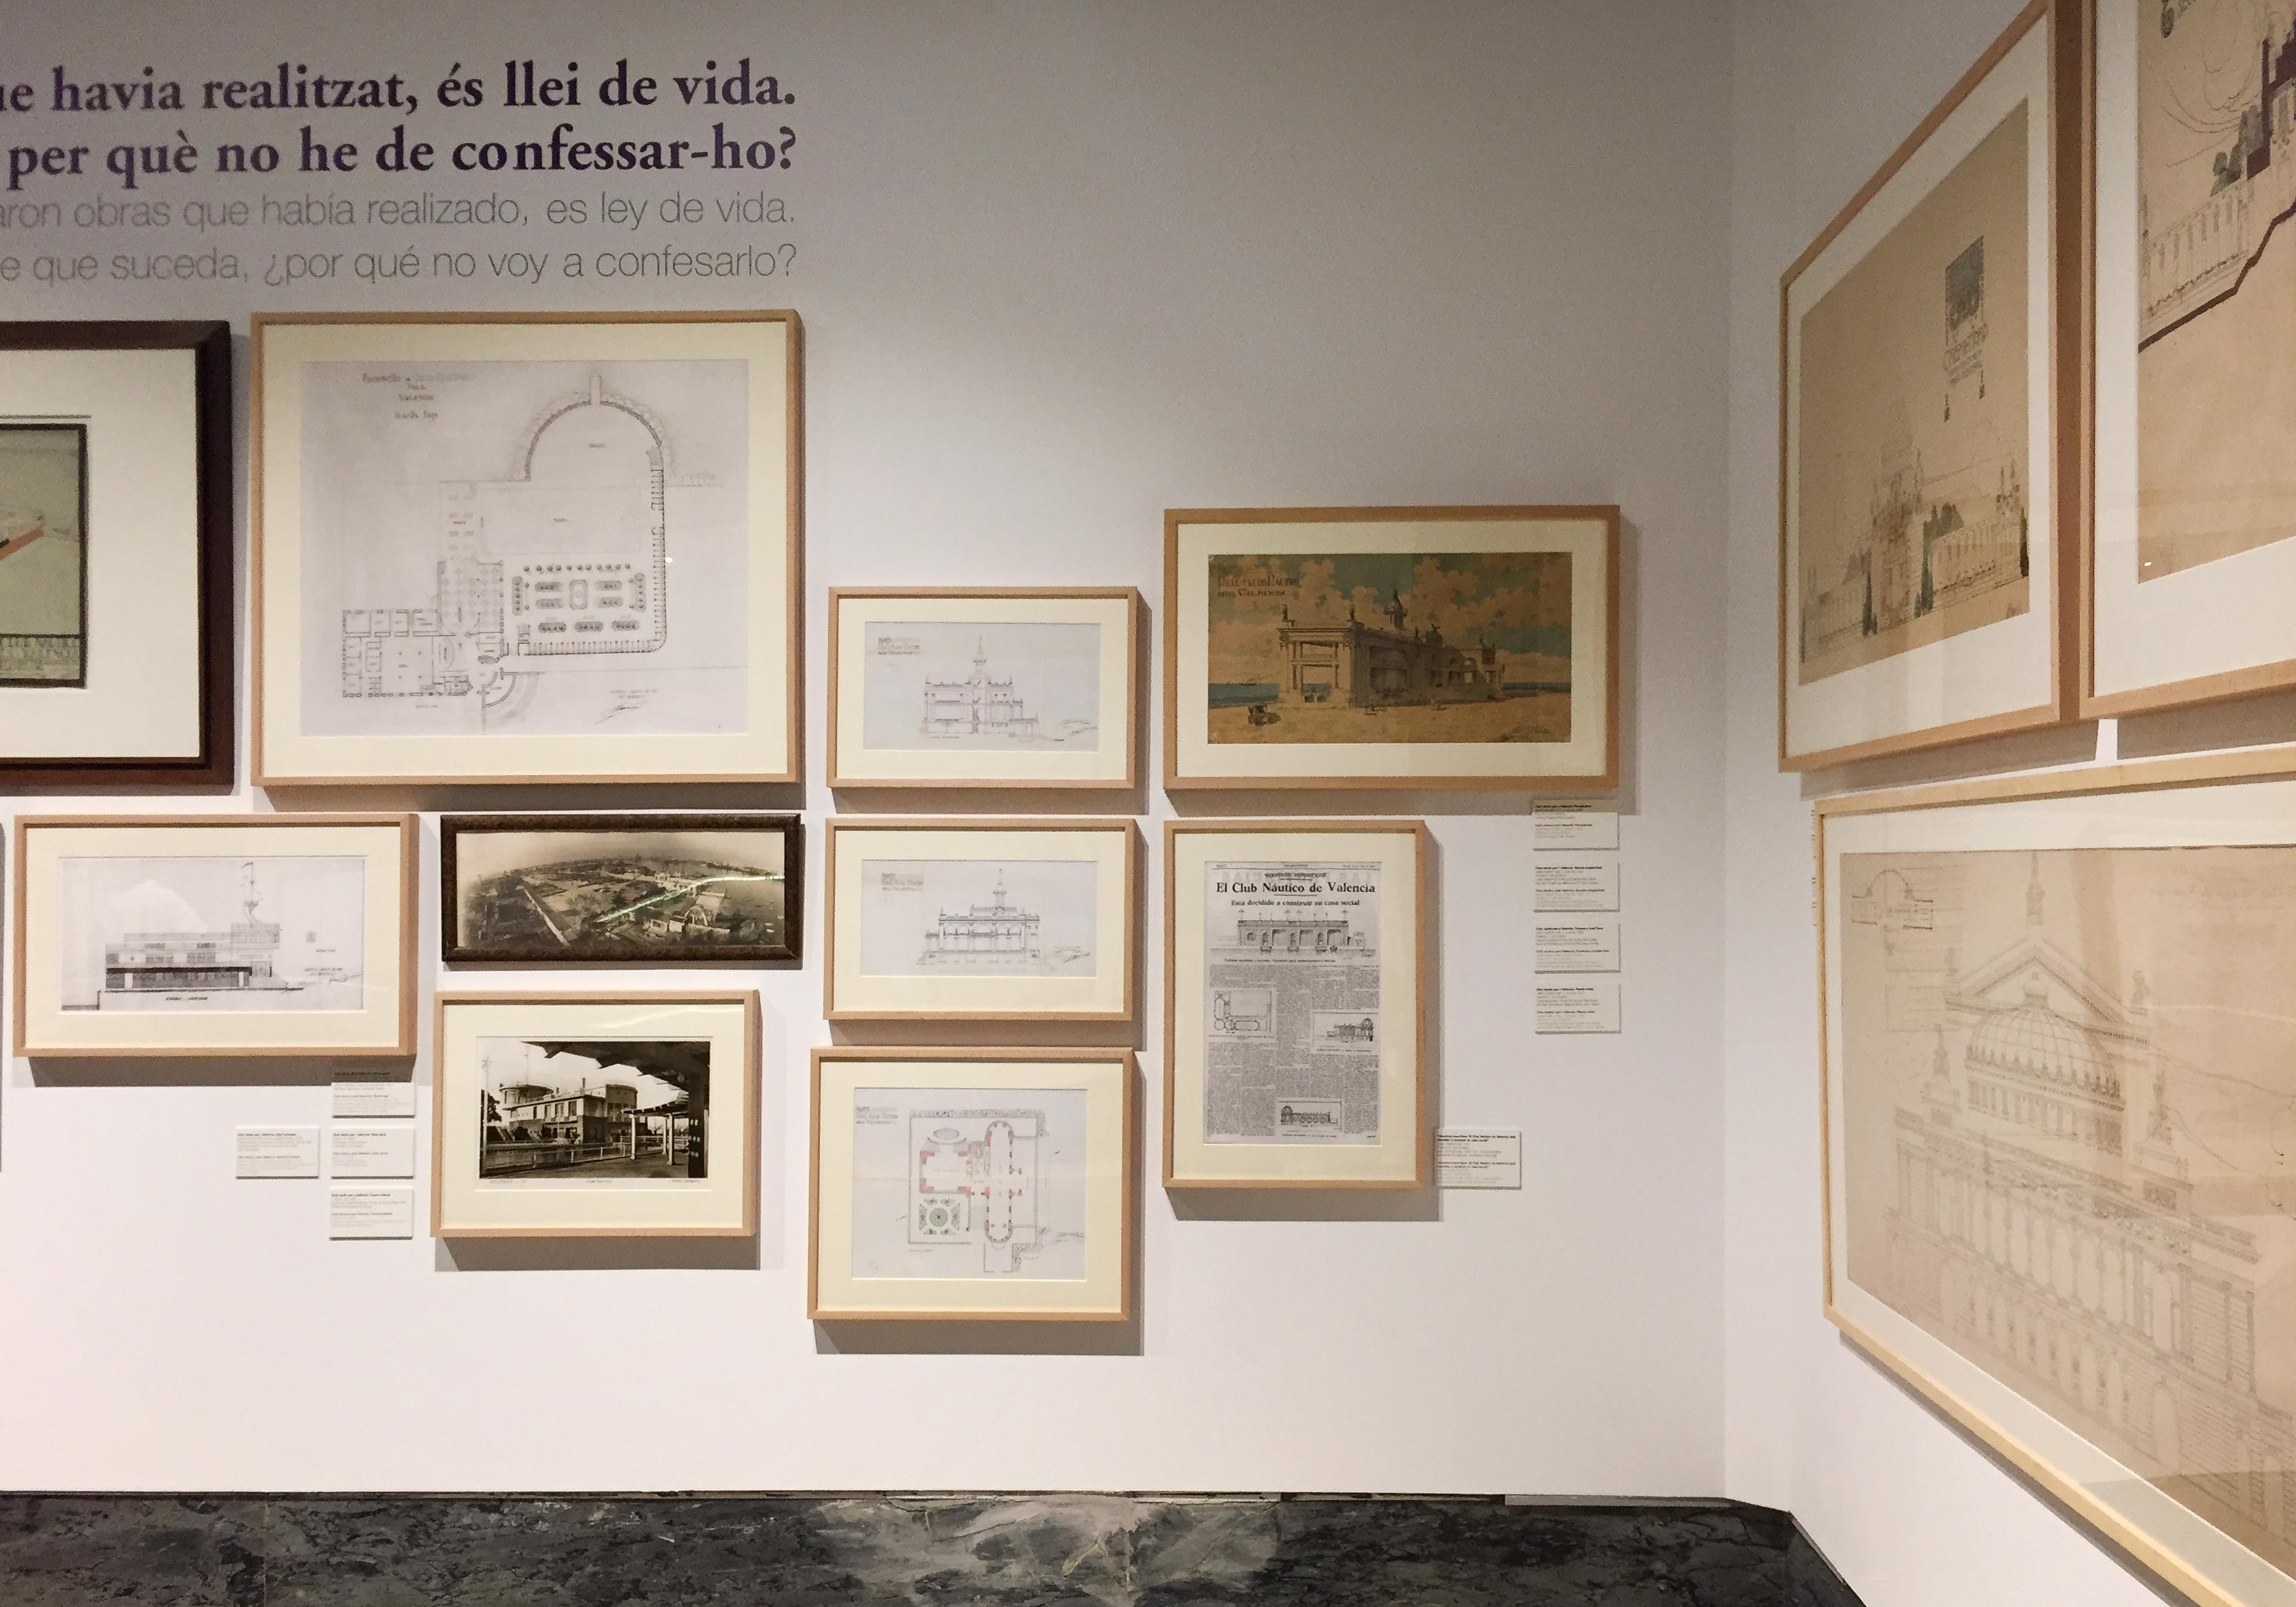 Exposición: 'Javier Goerlich Lleó: Arquitectura, Urbanismo en Valencia (1914-1962). Foto: ©Estudio Paco Mora